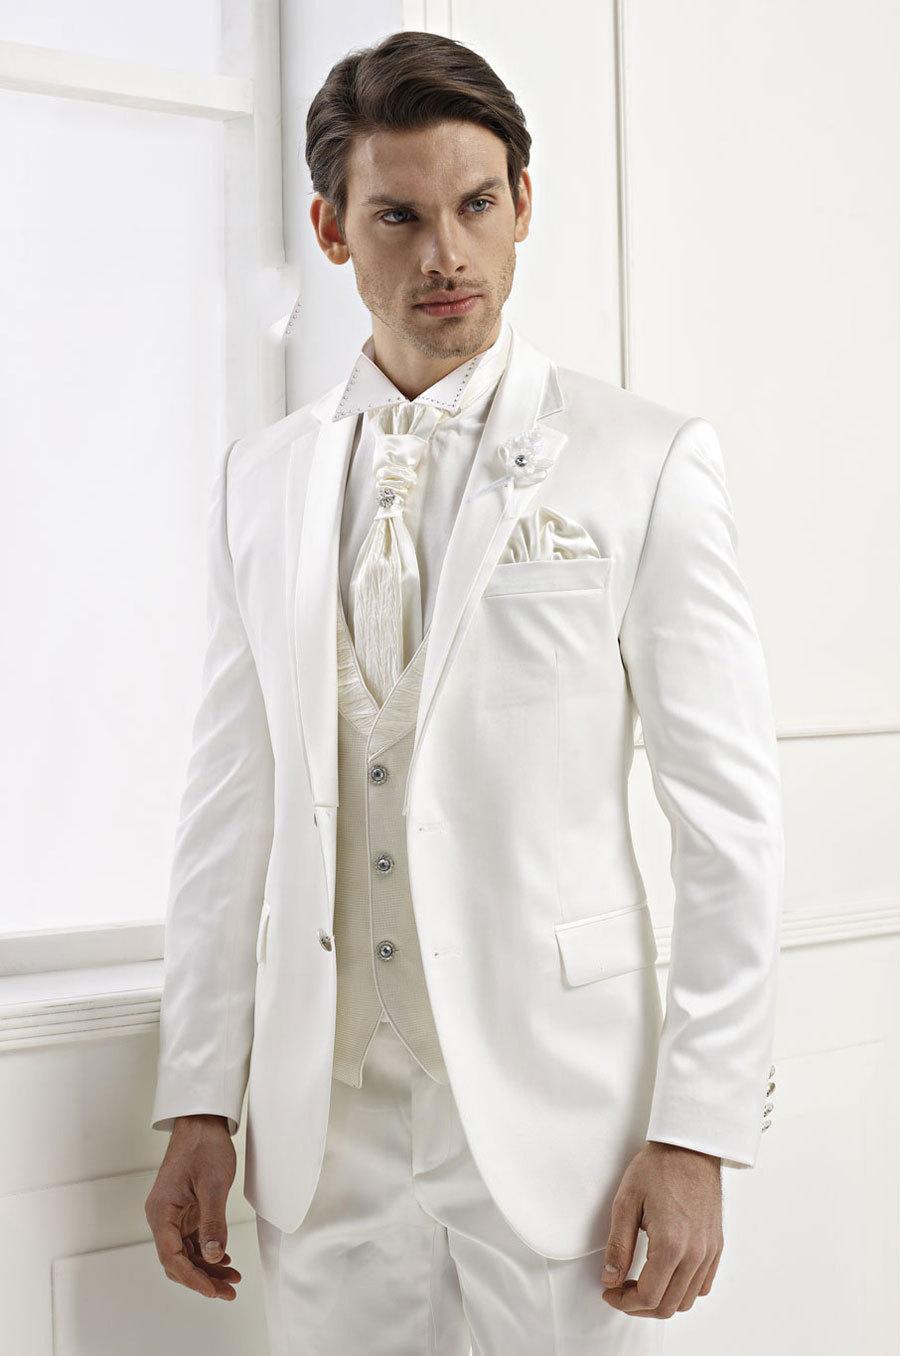 잘 생긴 남자 정장 남자를위한 간단한 화이트 맞춤형 결혼식 정장 신랑 Groomsmen 턱시도 망 결혼식 정장 자켓 + 바지 + 조끼